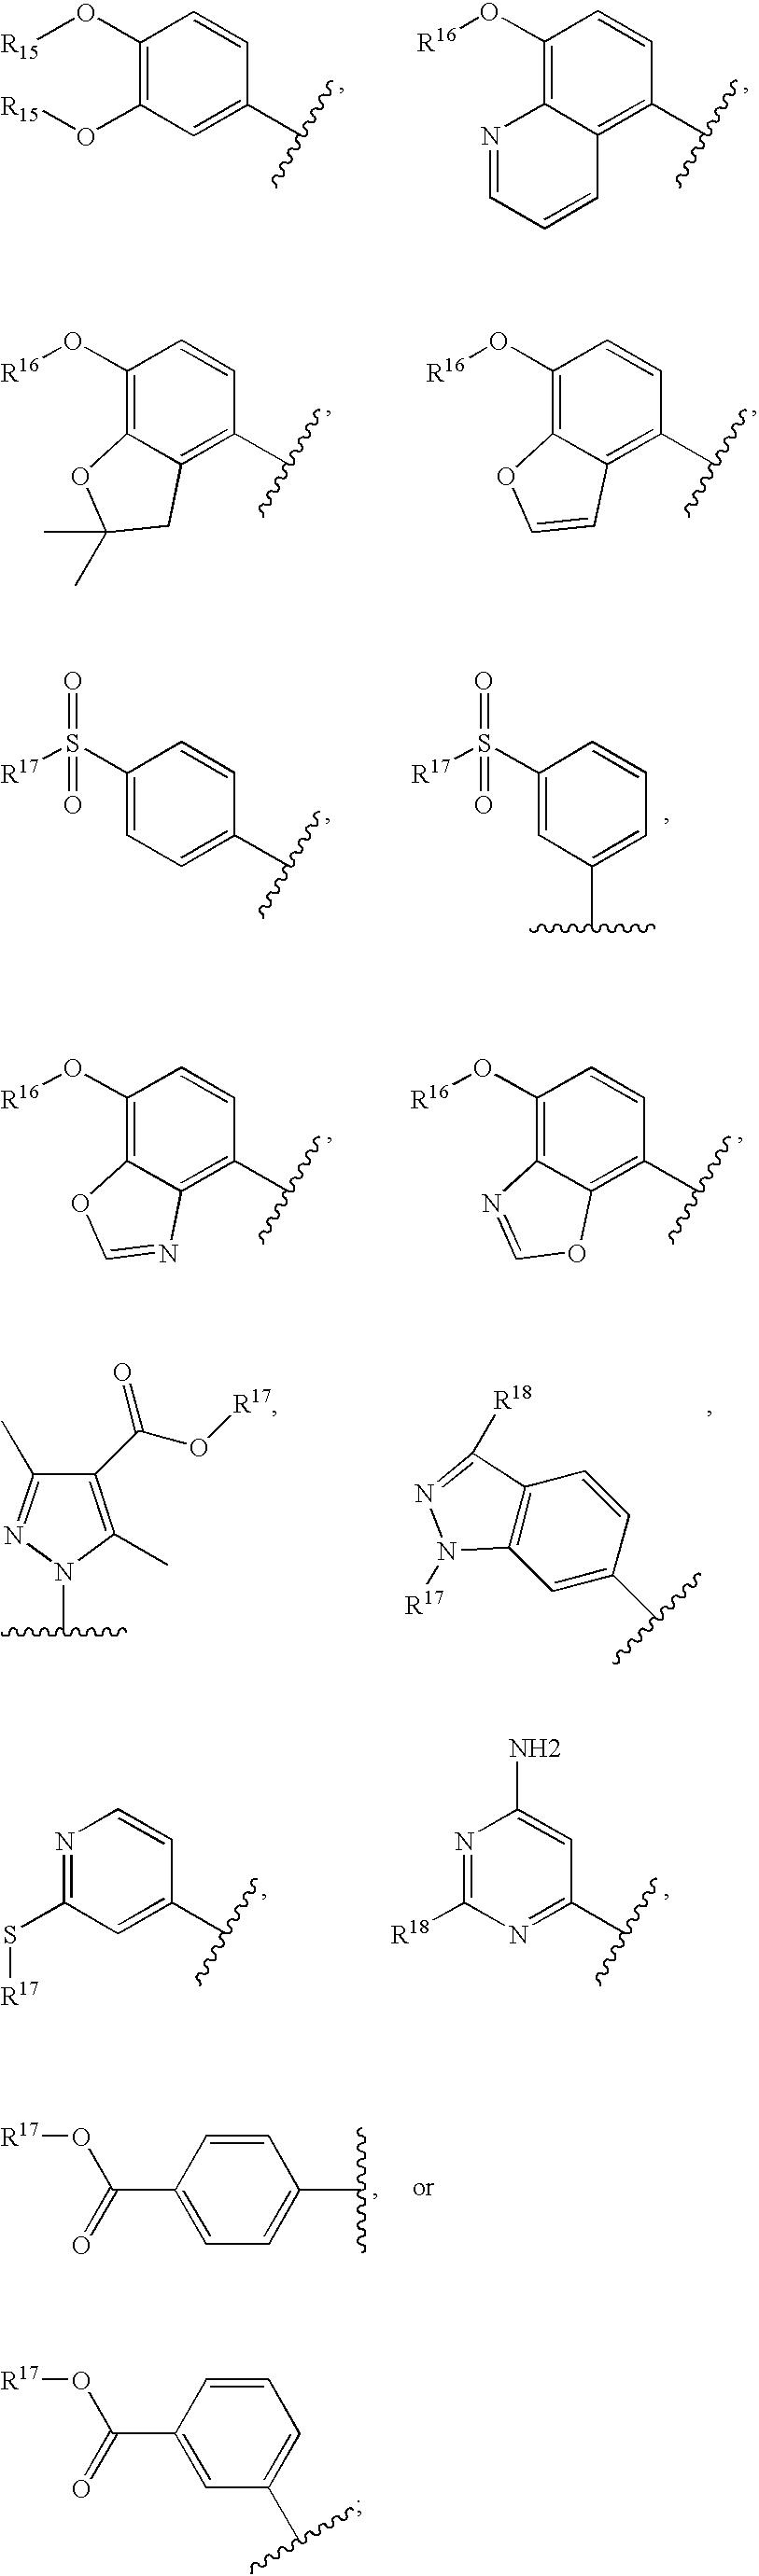 Figure US20060100218A1-20060511-C00012